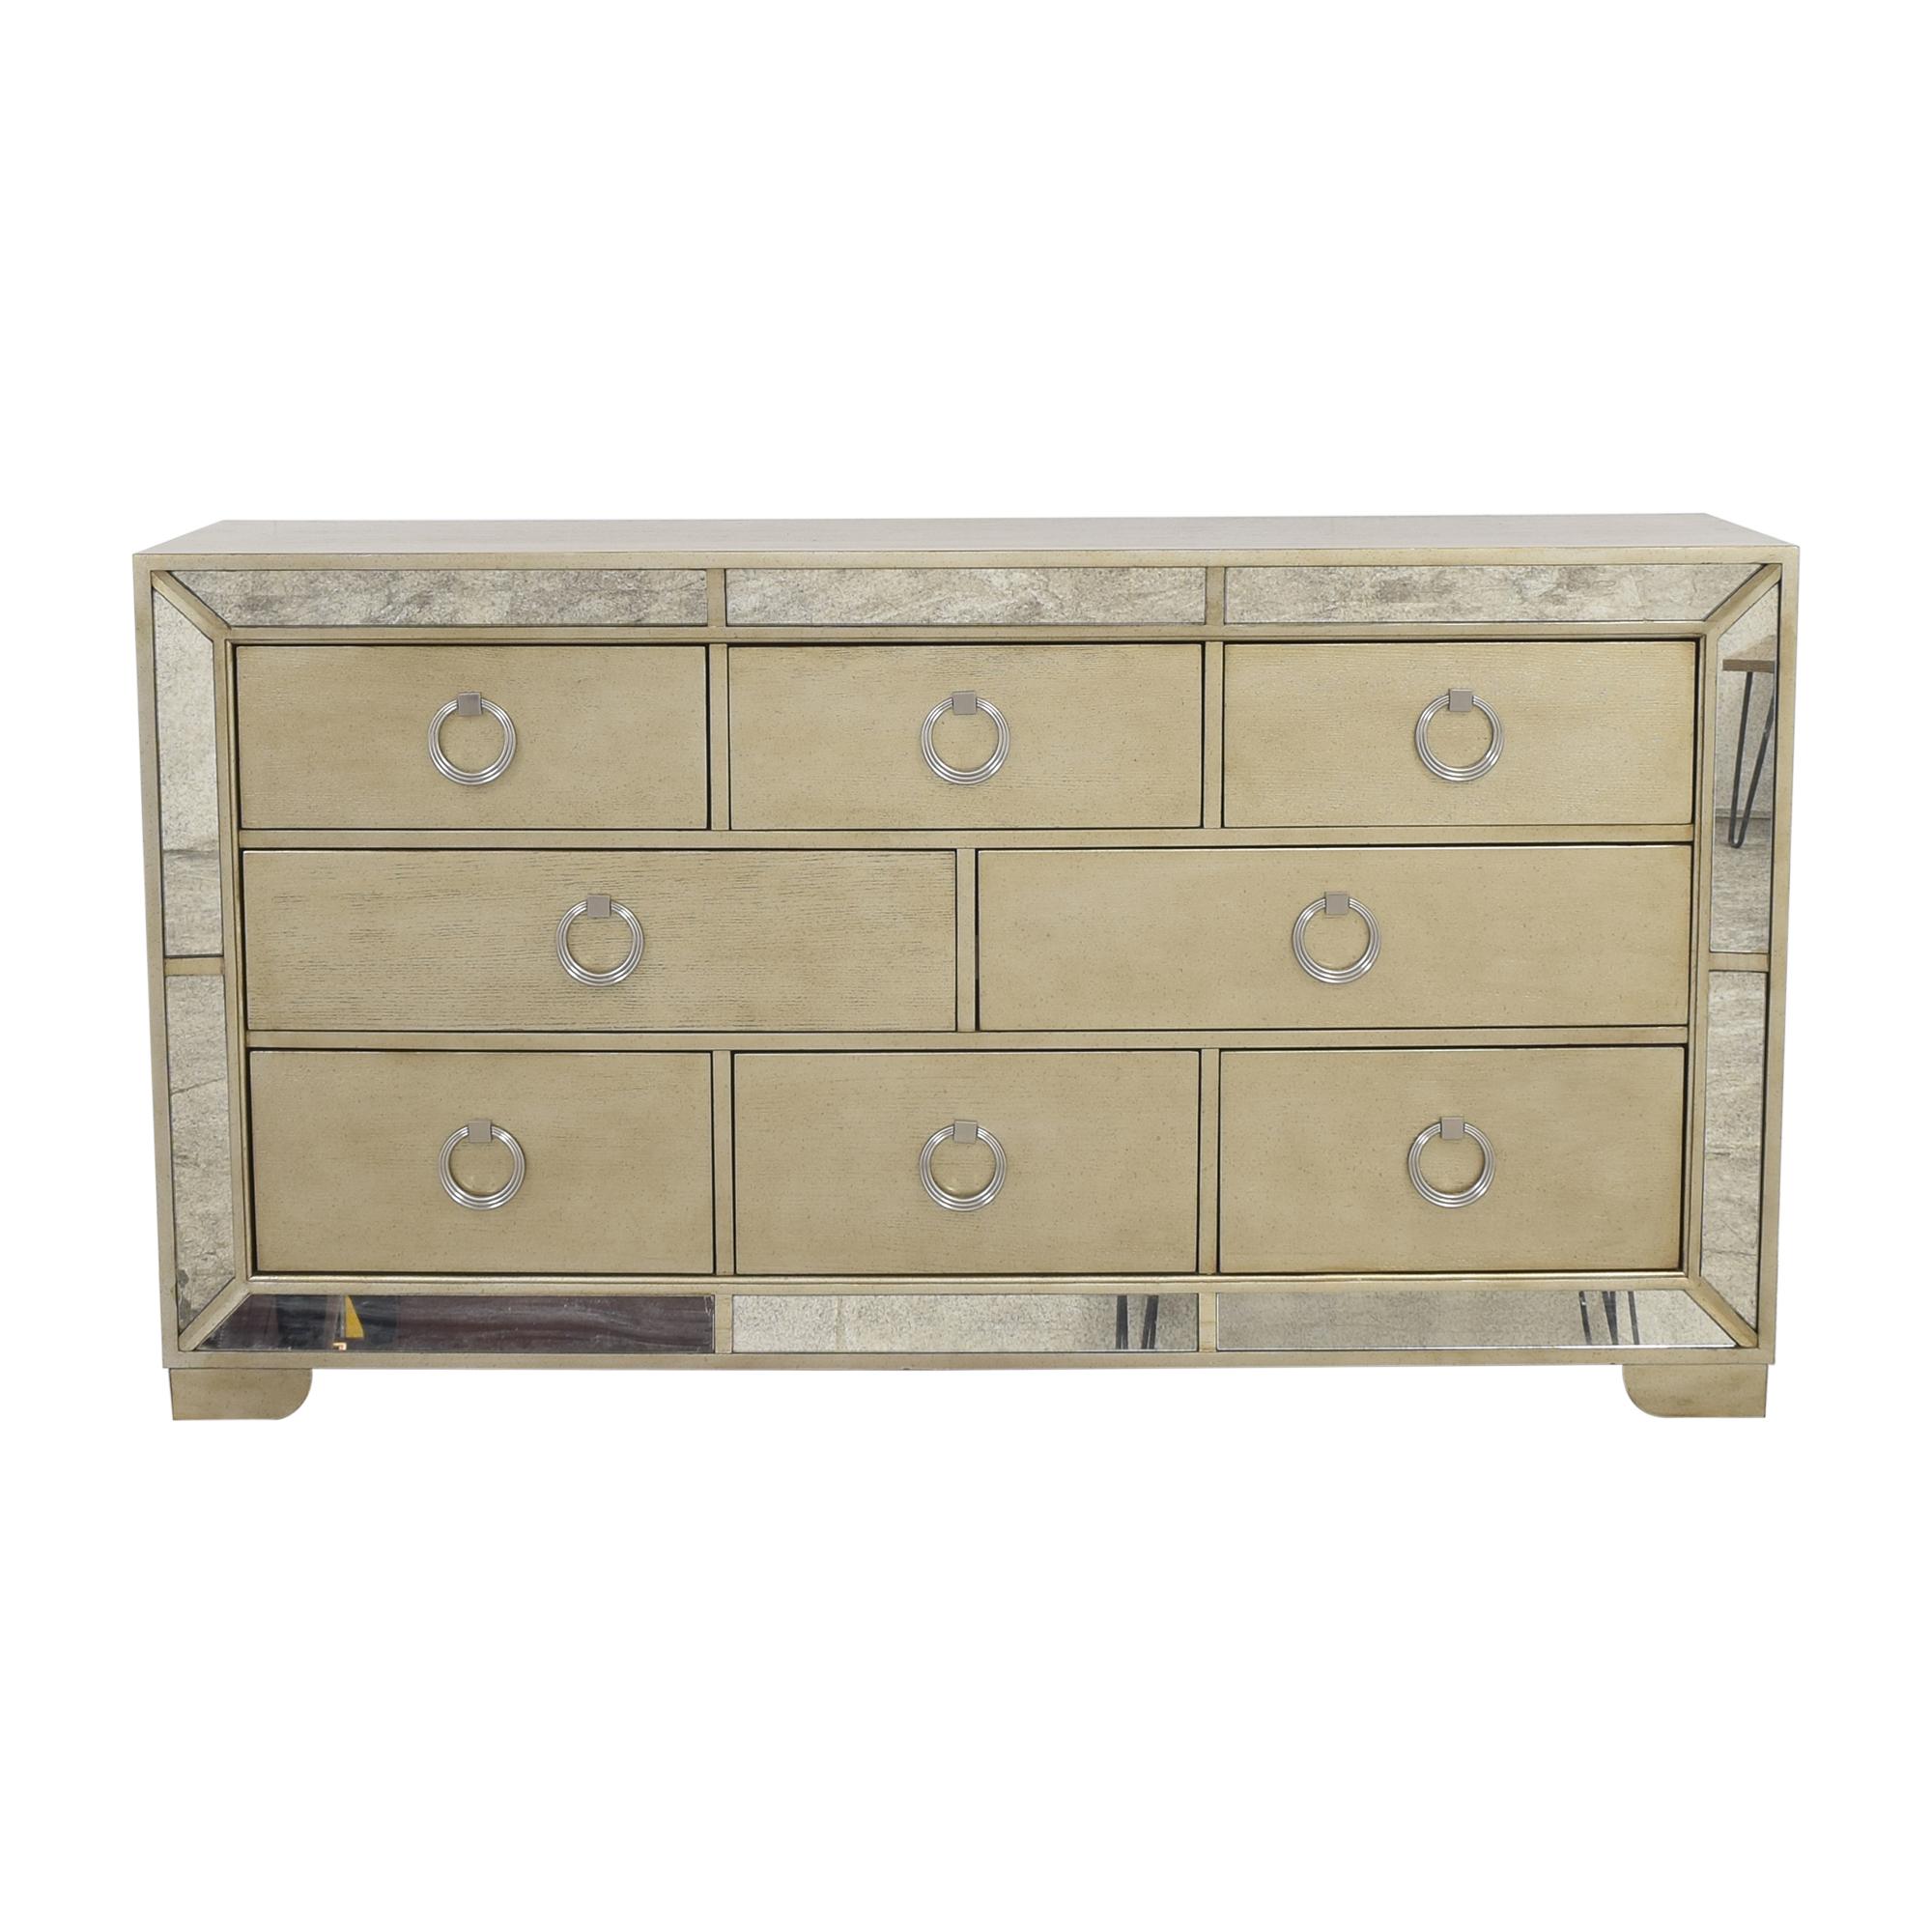 buy Macy's Ailey Eight Drawer Dresser Macy's Storage